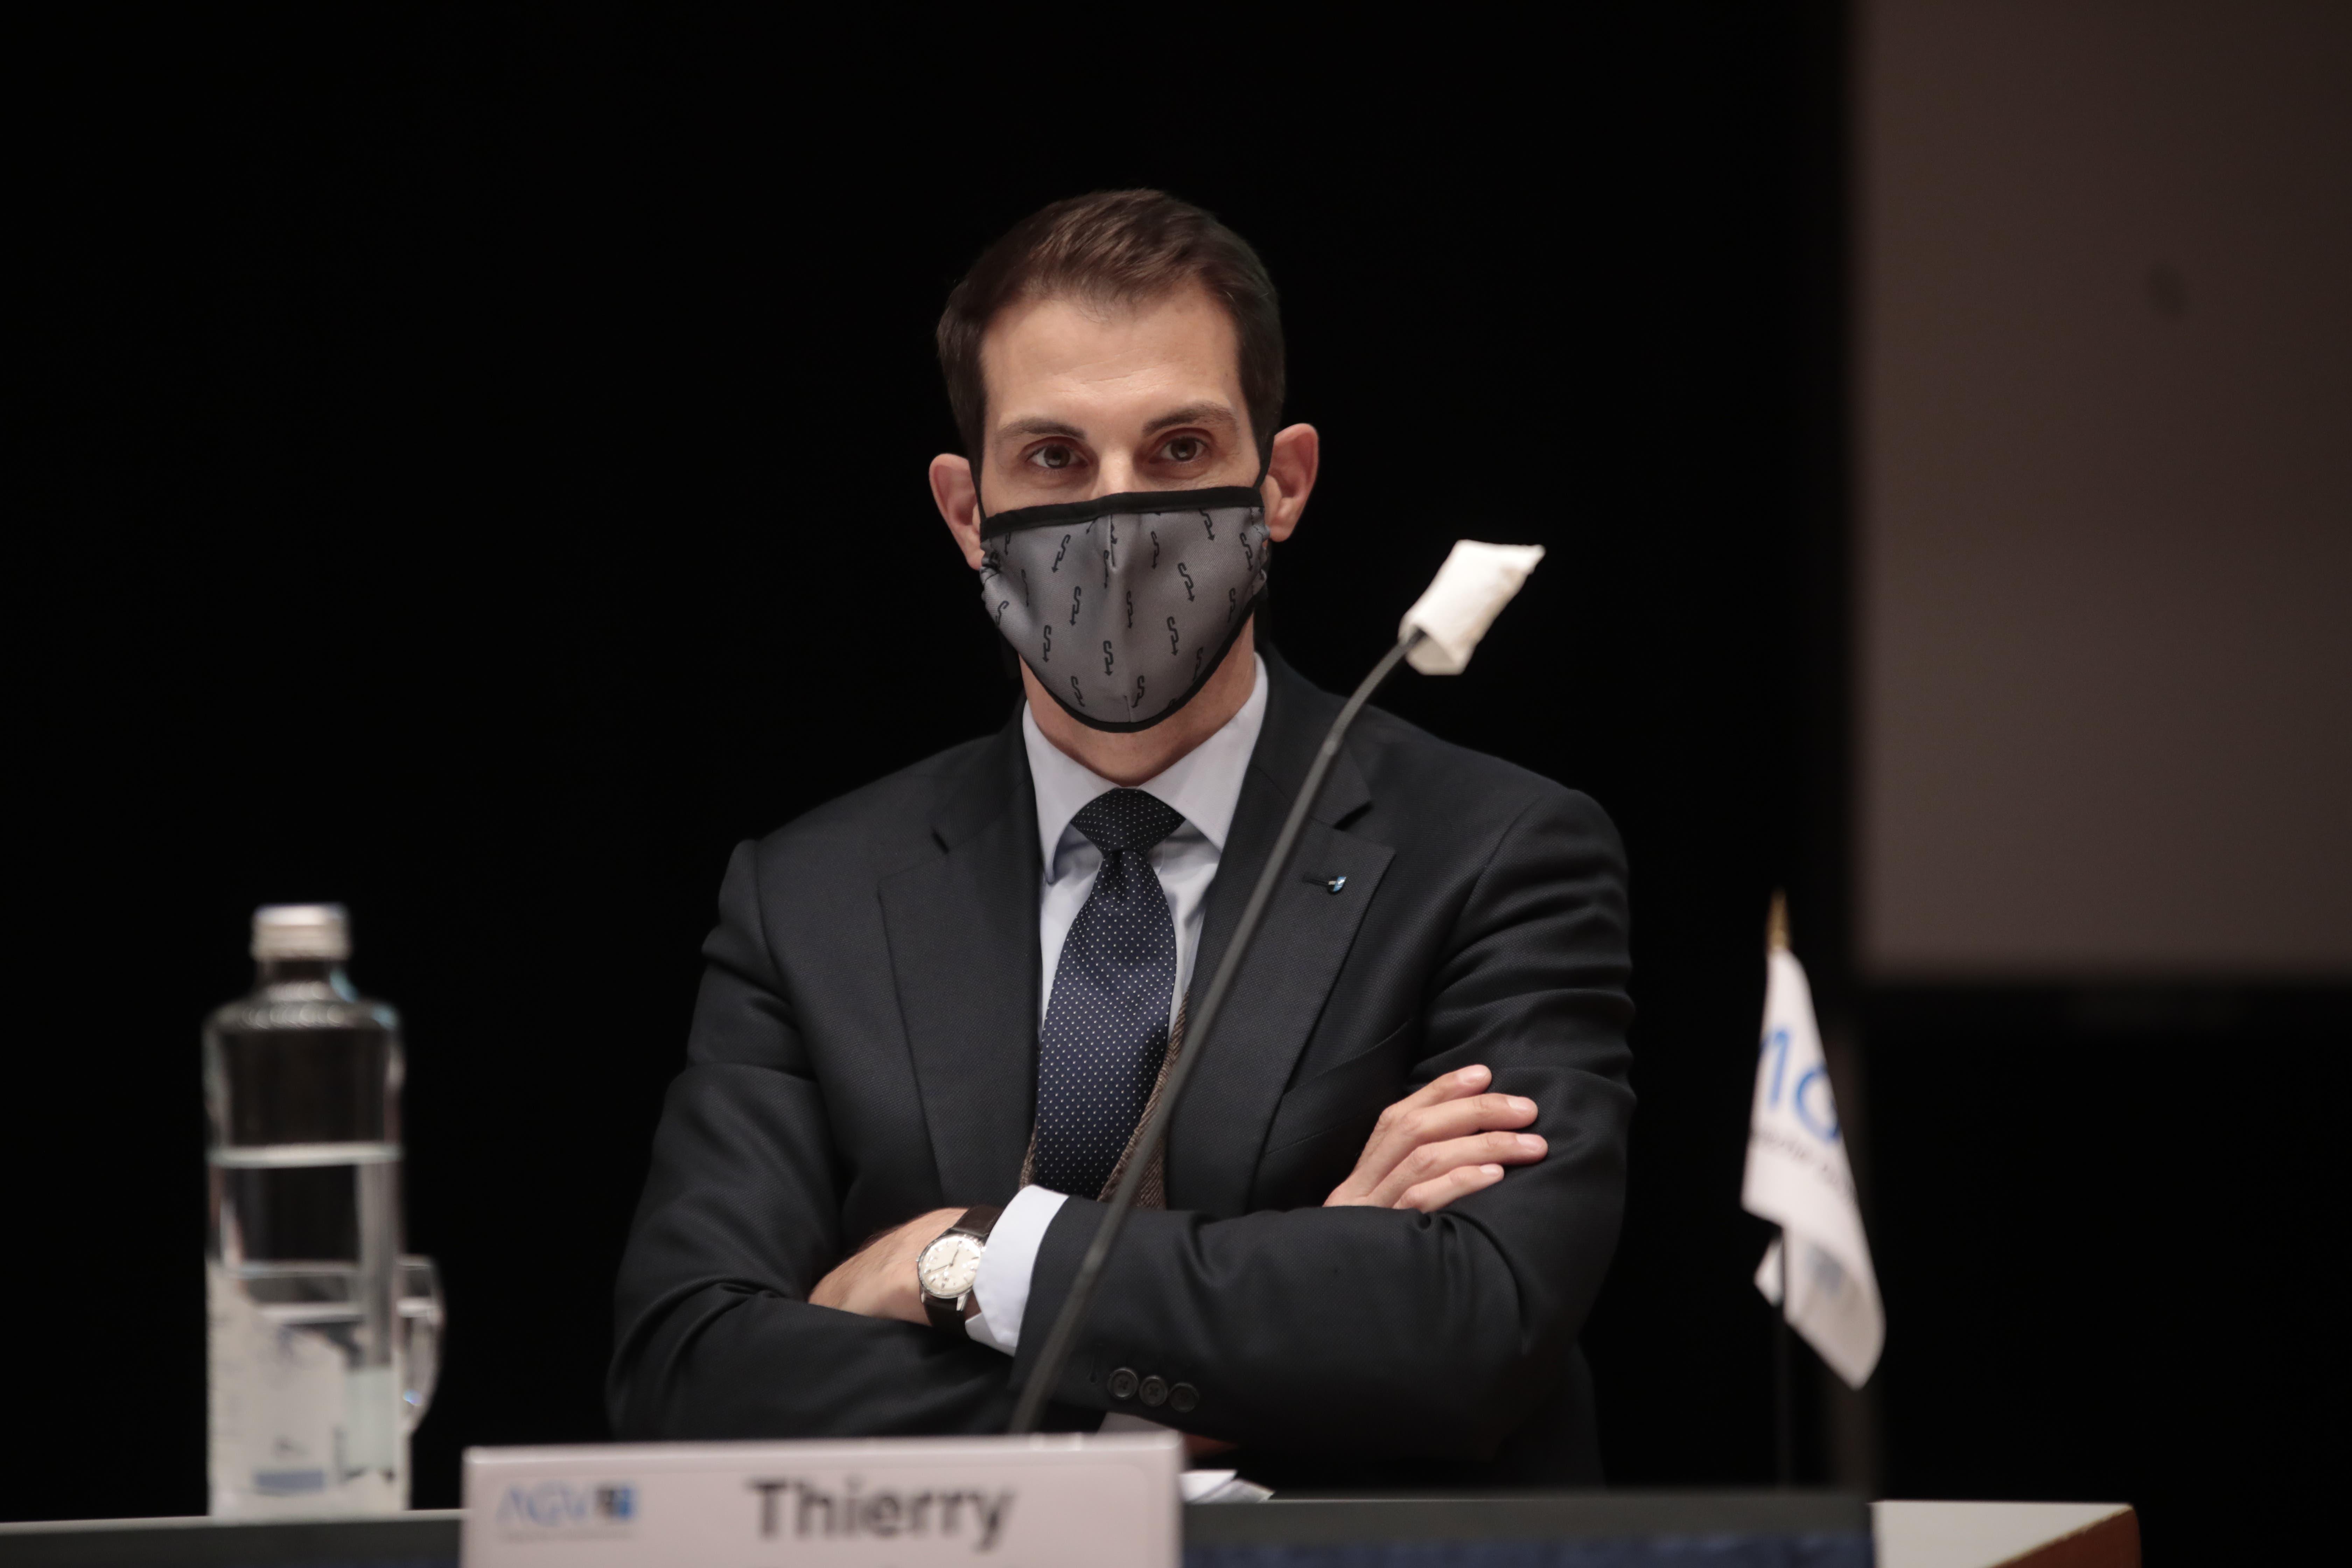 FDP-Ständerat Thierry Burkart trat nach fünf Jahren als Konsulent des AGV ab. Die Maske legte er nur ab, wenn er sich ans Rednerpult begab.